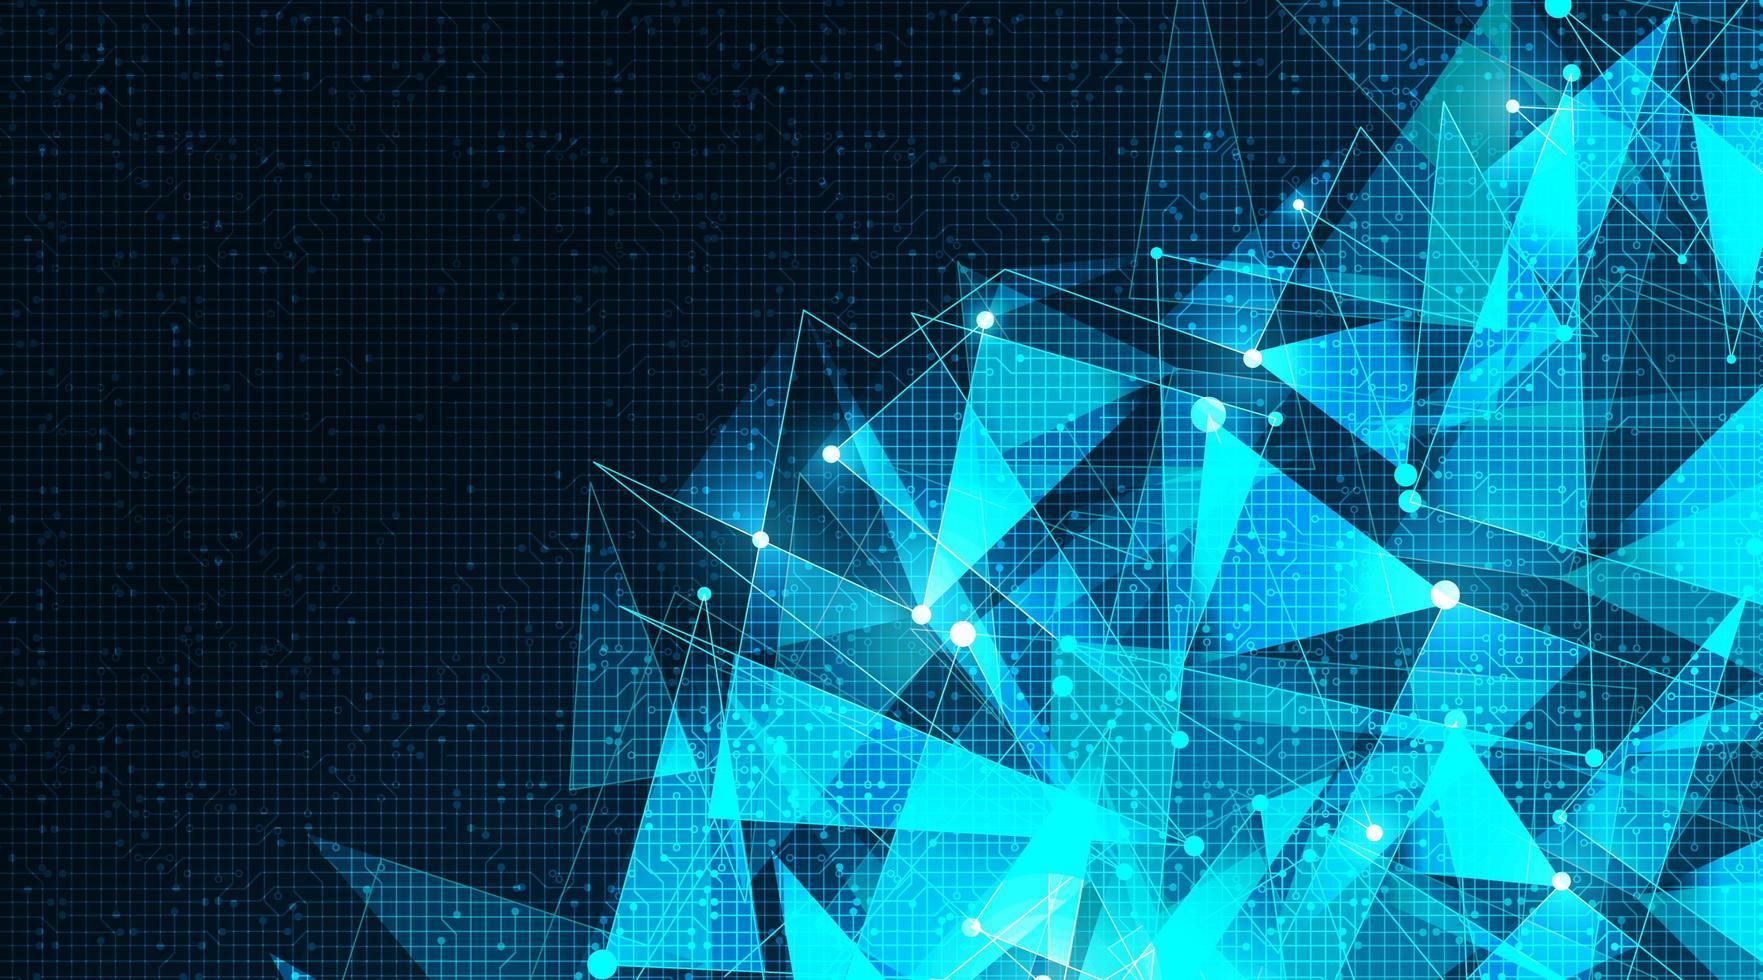 Cyber Futuristic Polygon Technology på mikrochipbakgrund. vektor